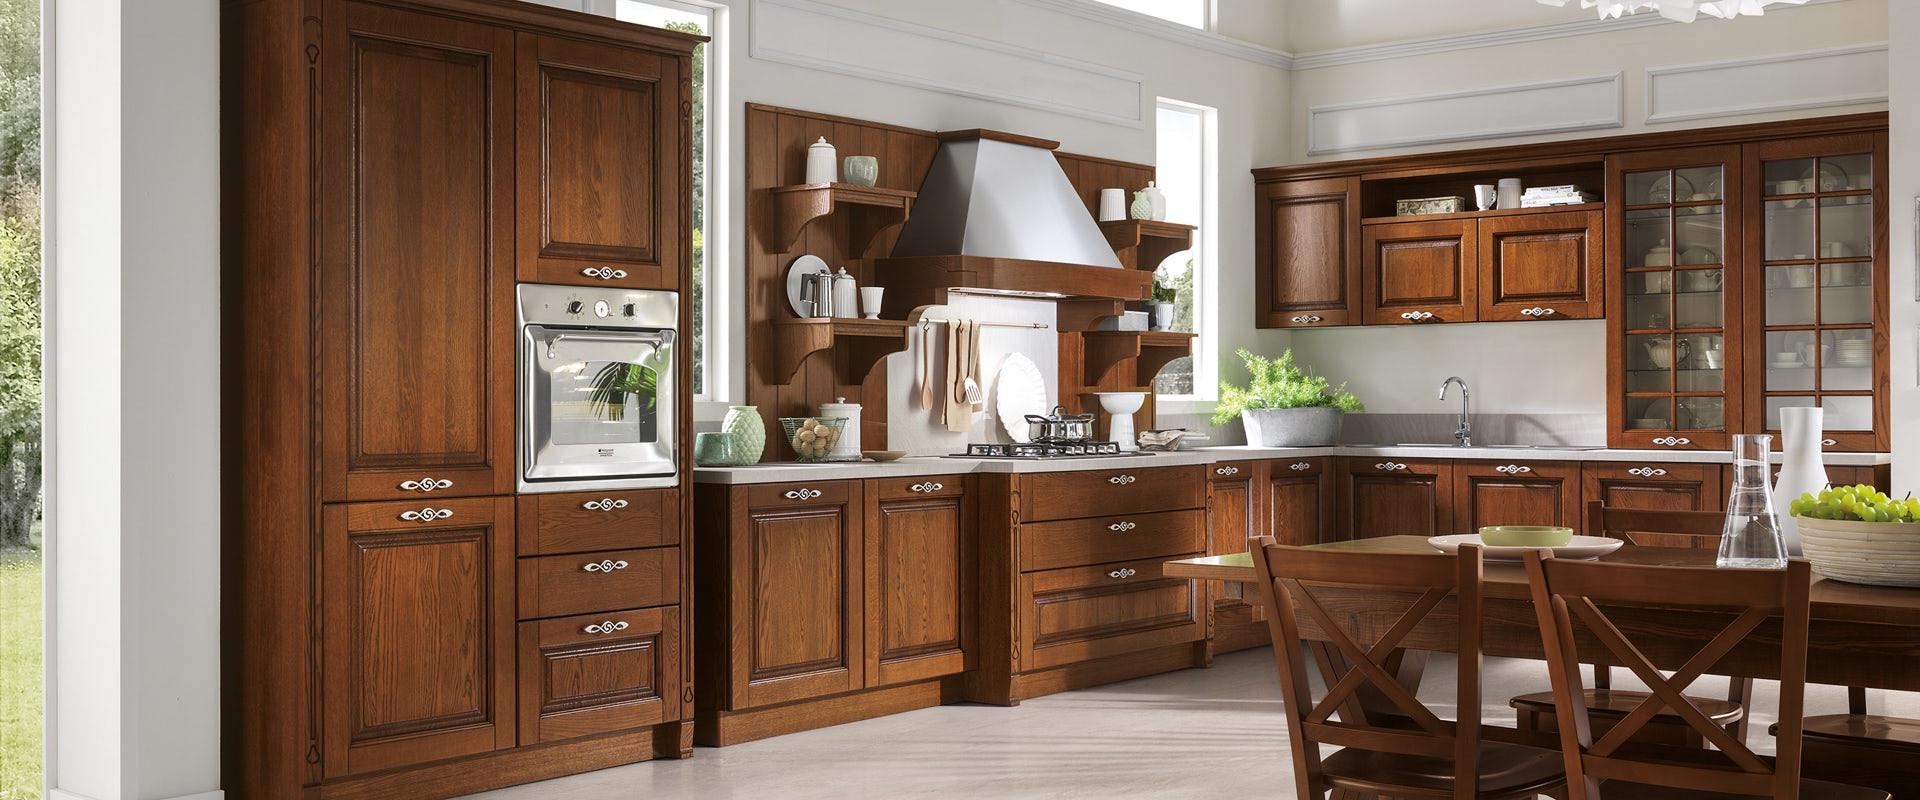 stosa-cucine-classiche-saturnia-219.jpg